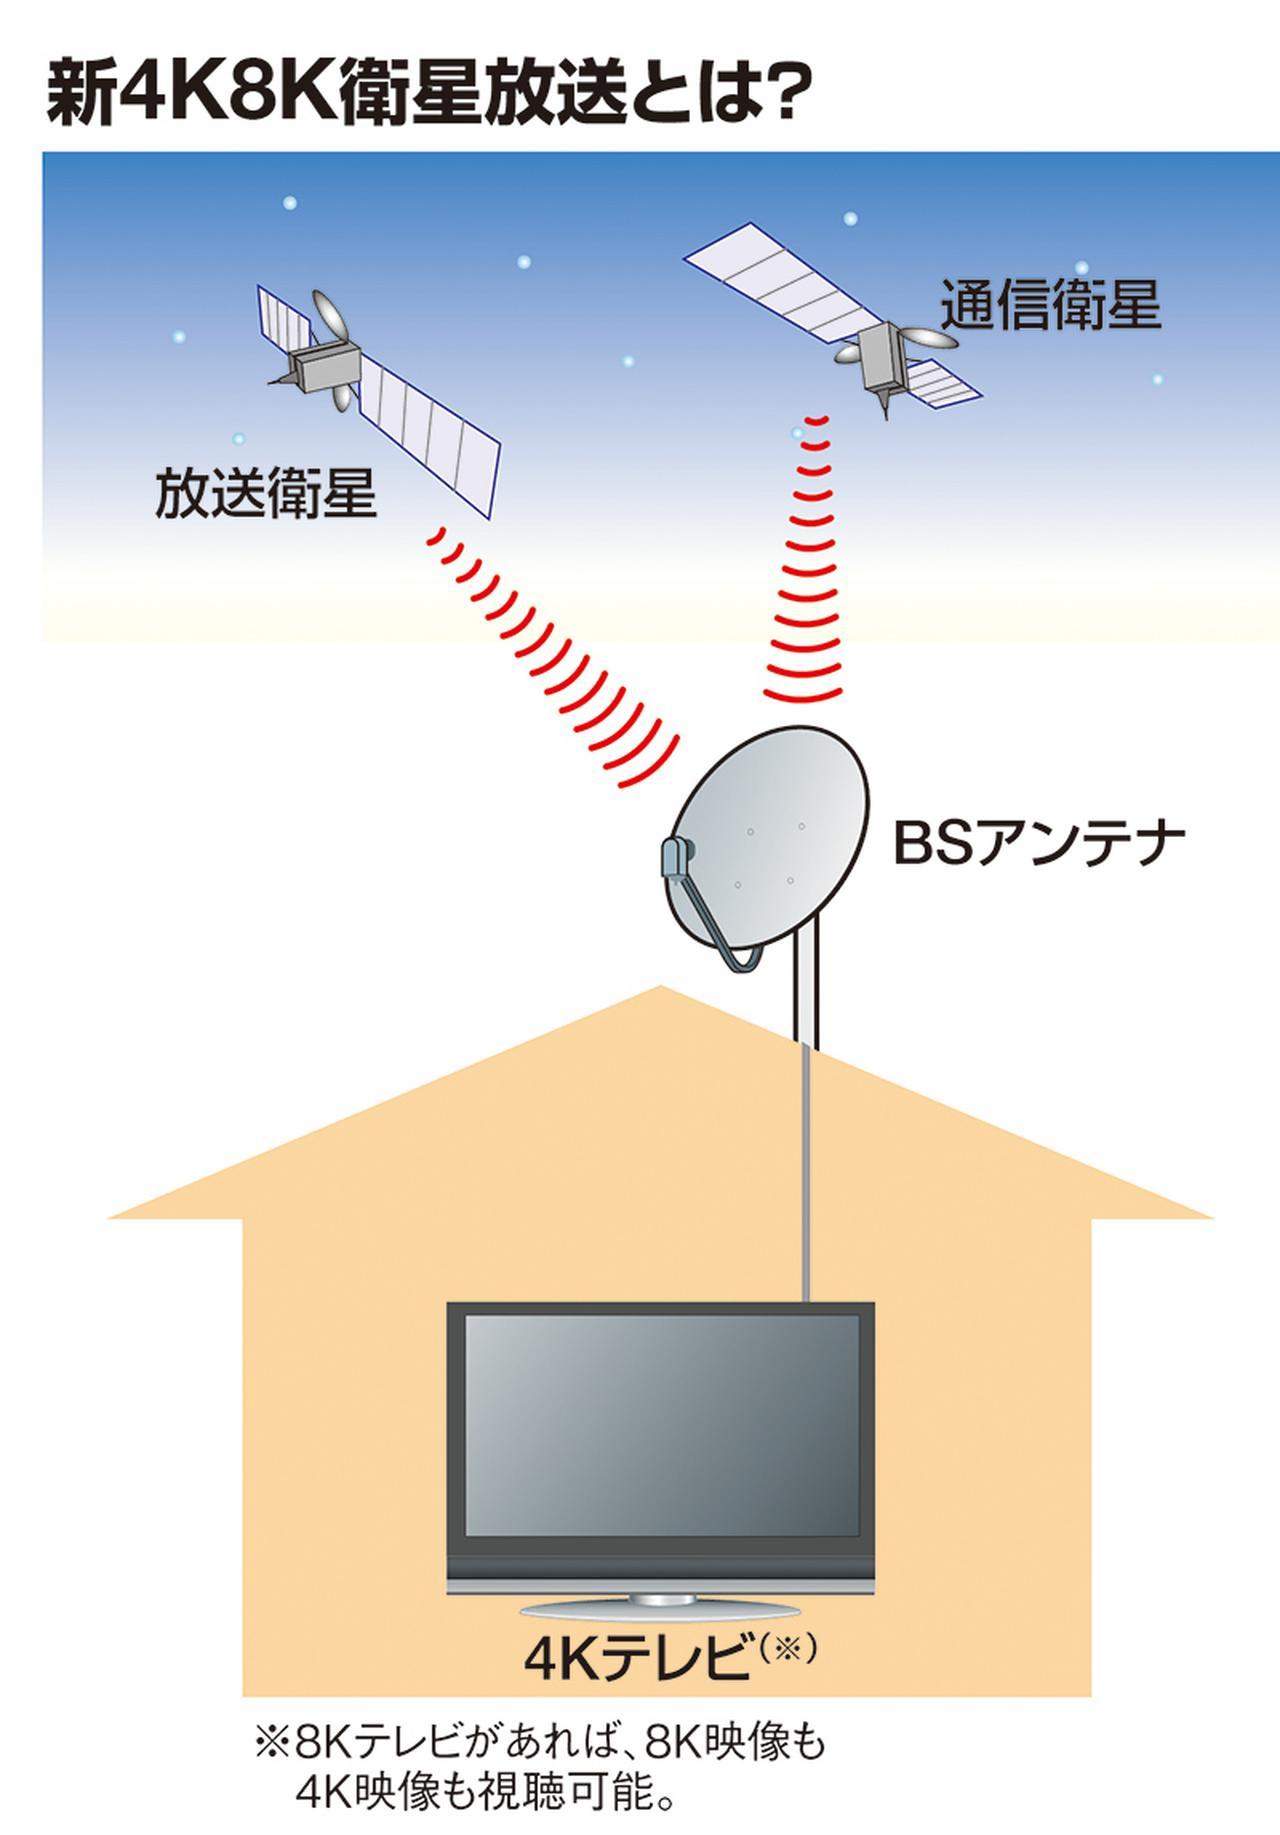 画像: 新4K8K衛星放送用の静止衛星は、従来のBS/110度CS放送用のものと同じ方角にあるため、基本的には、現在使用しているBSアンテナで受信できる。